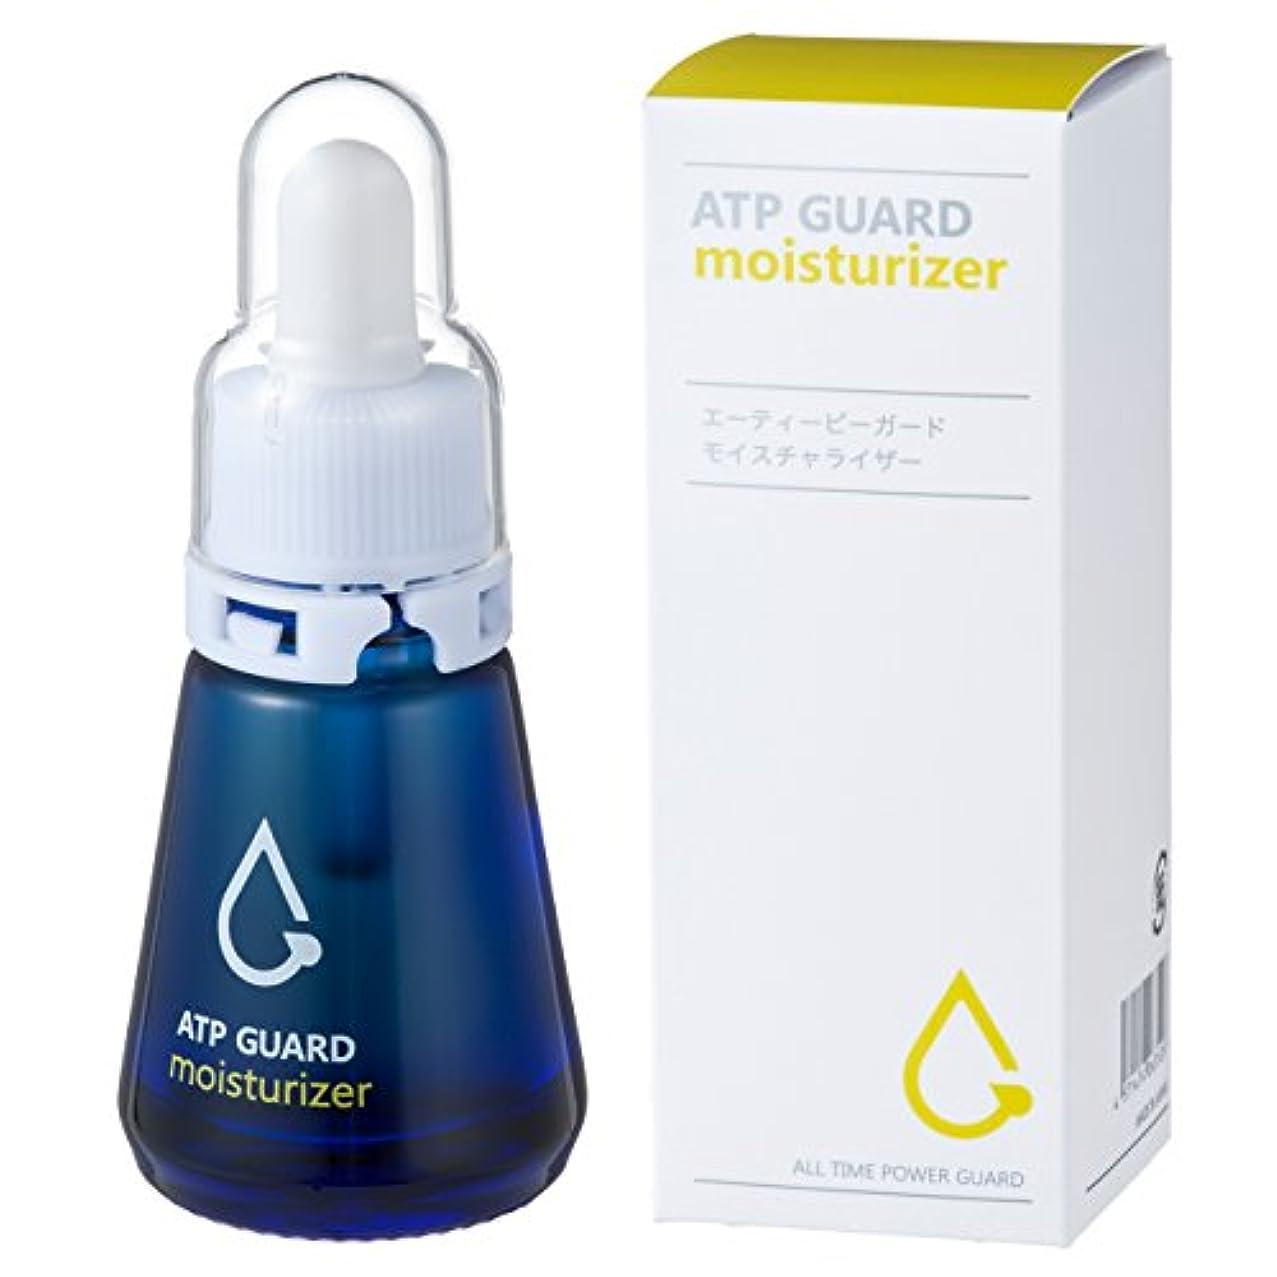 あたたかい後方液体ATPガード モイスチャライザー(30ml)